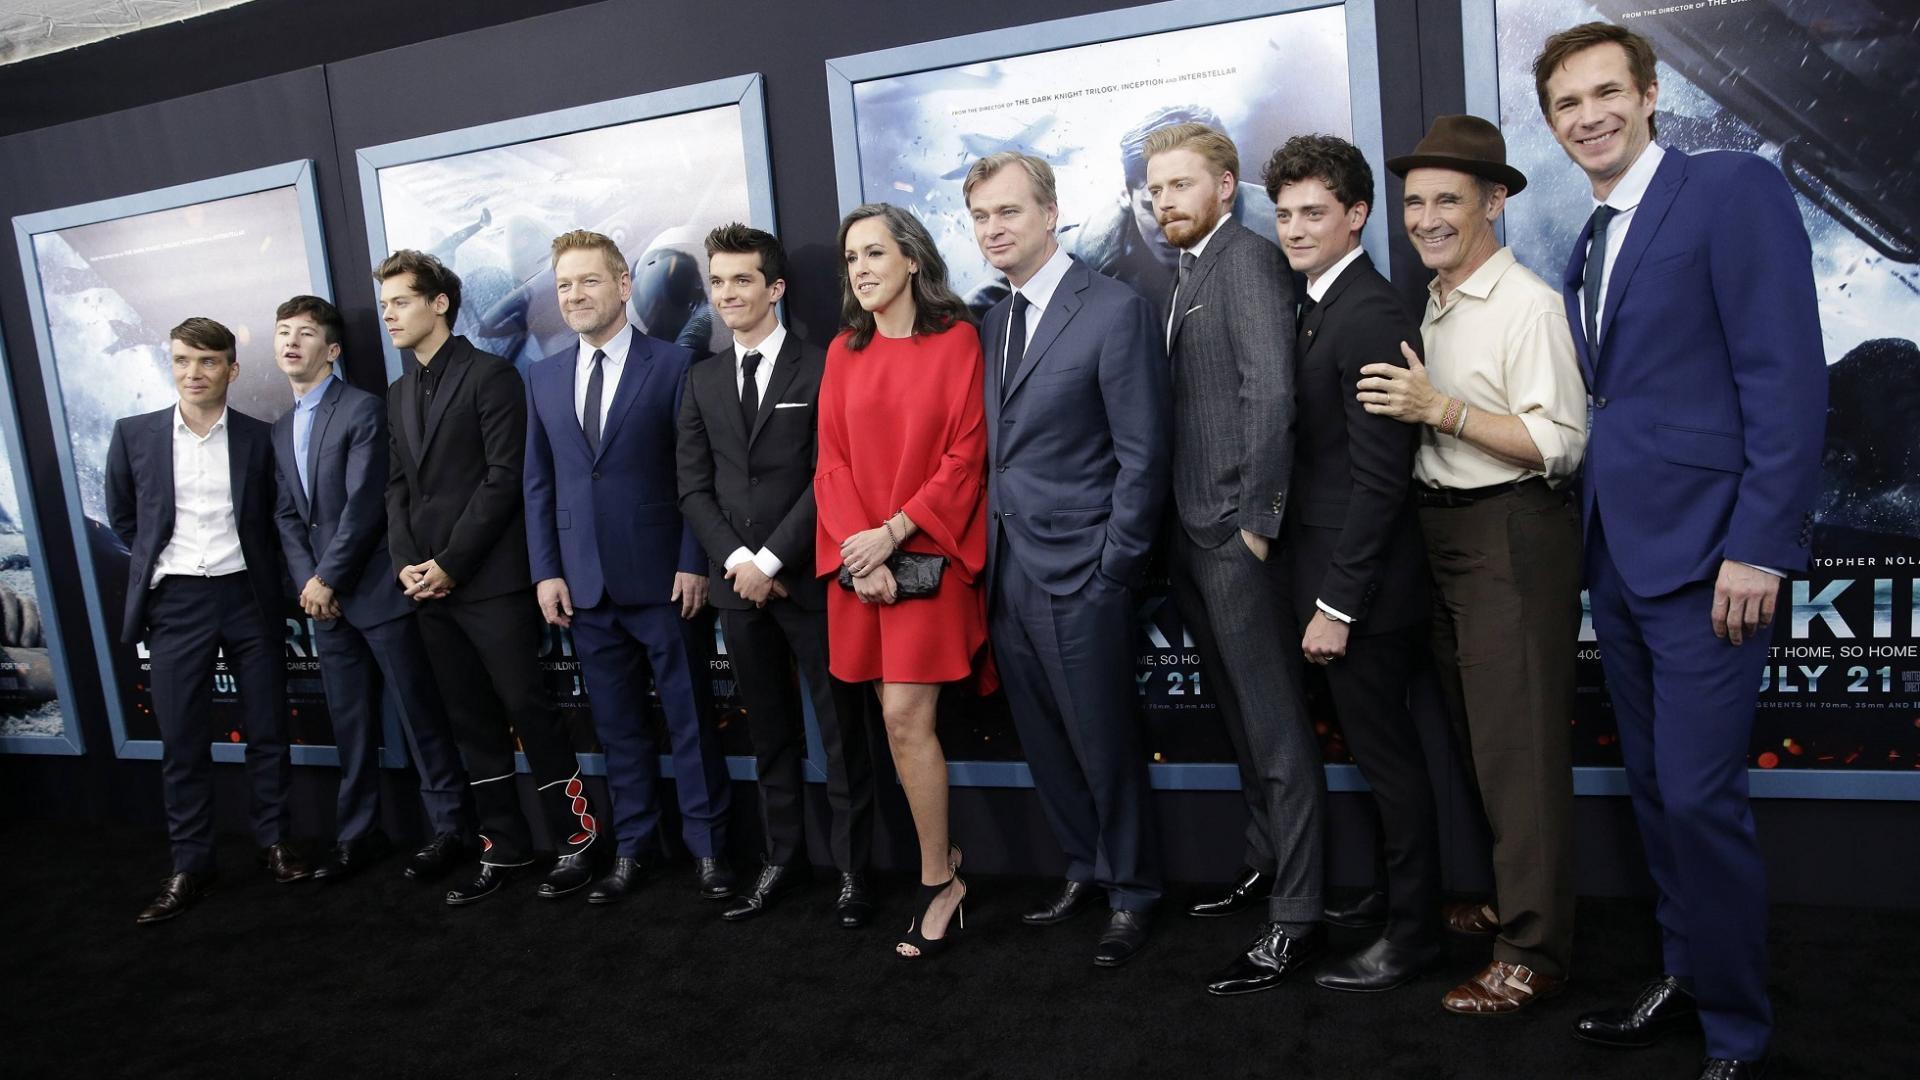 Cast des Dunkirk-Films auf dem roten Teppich